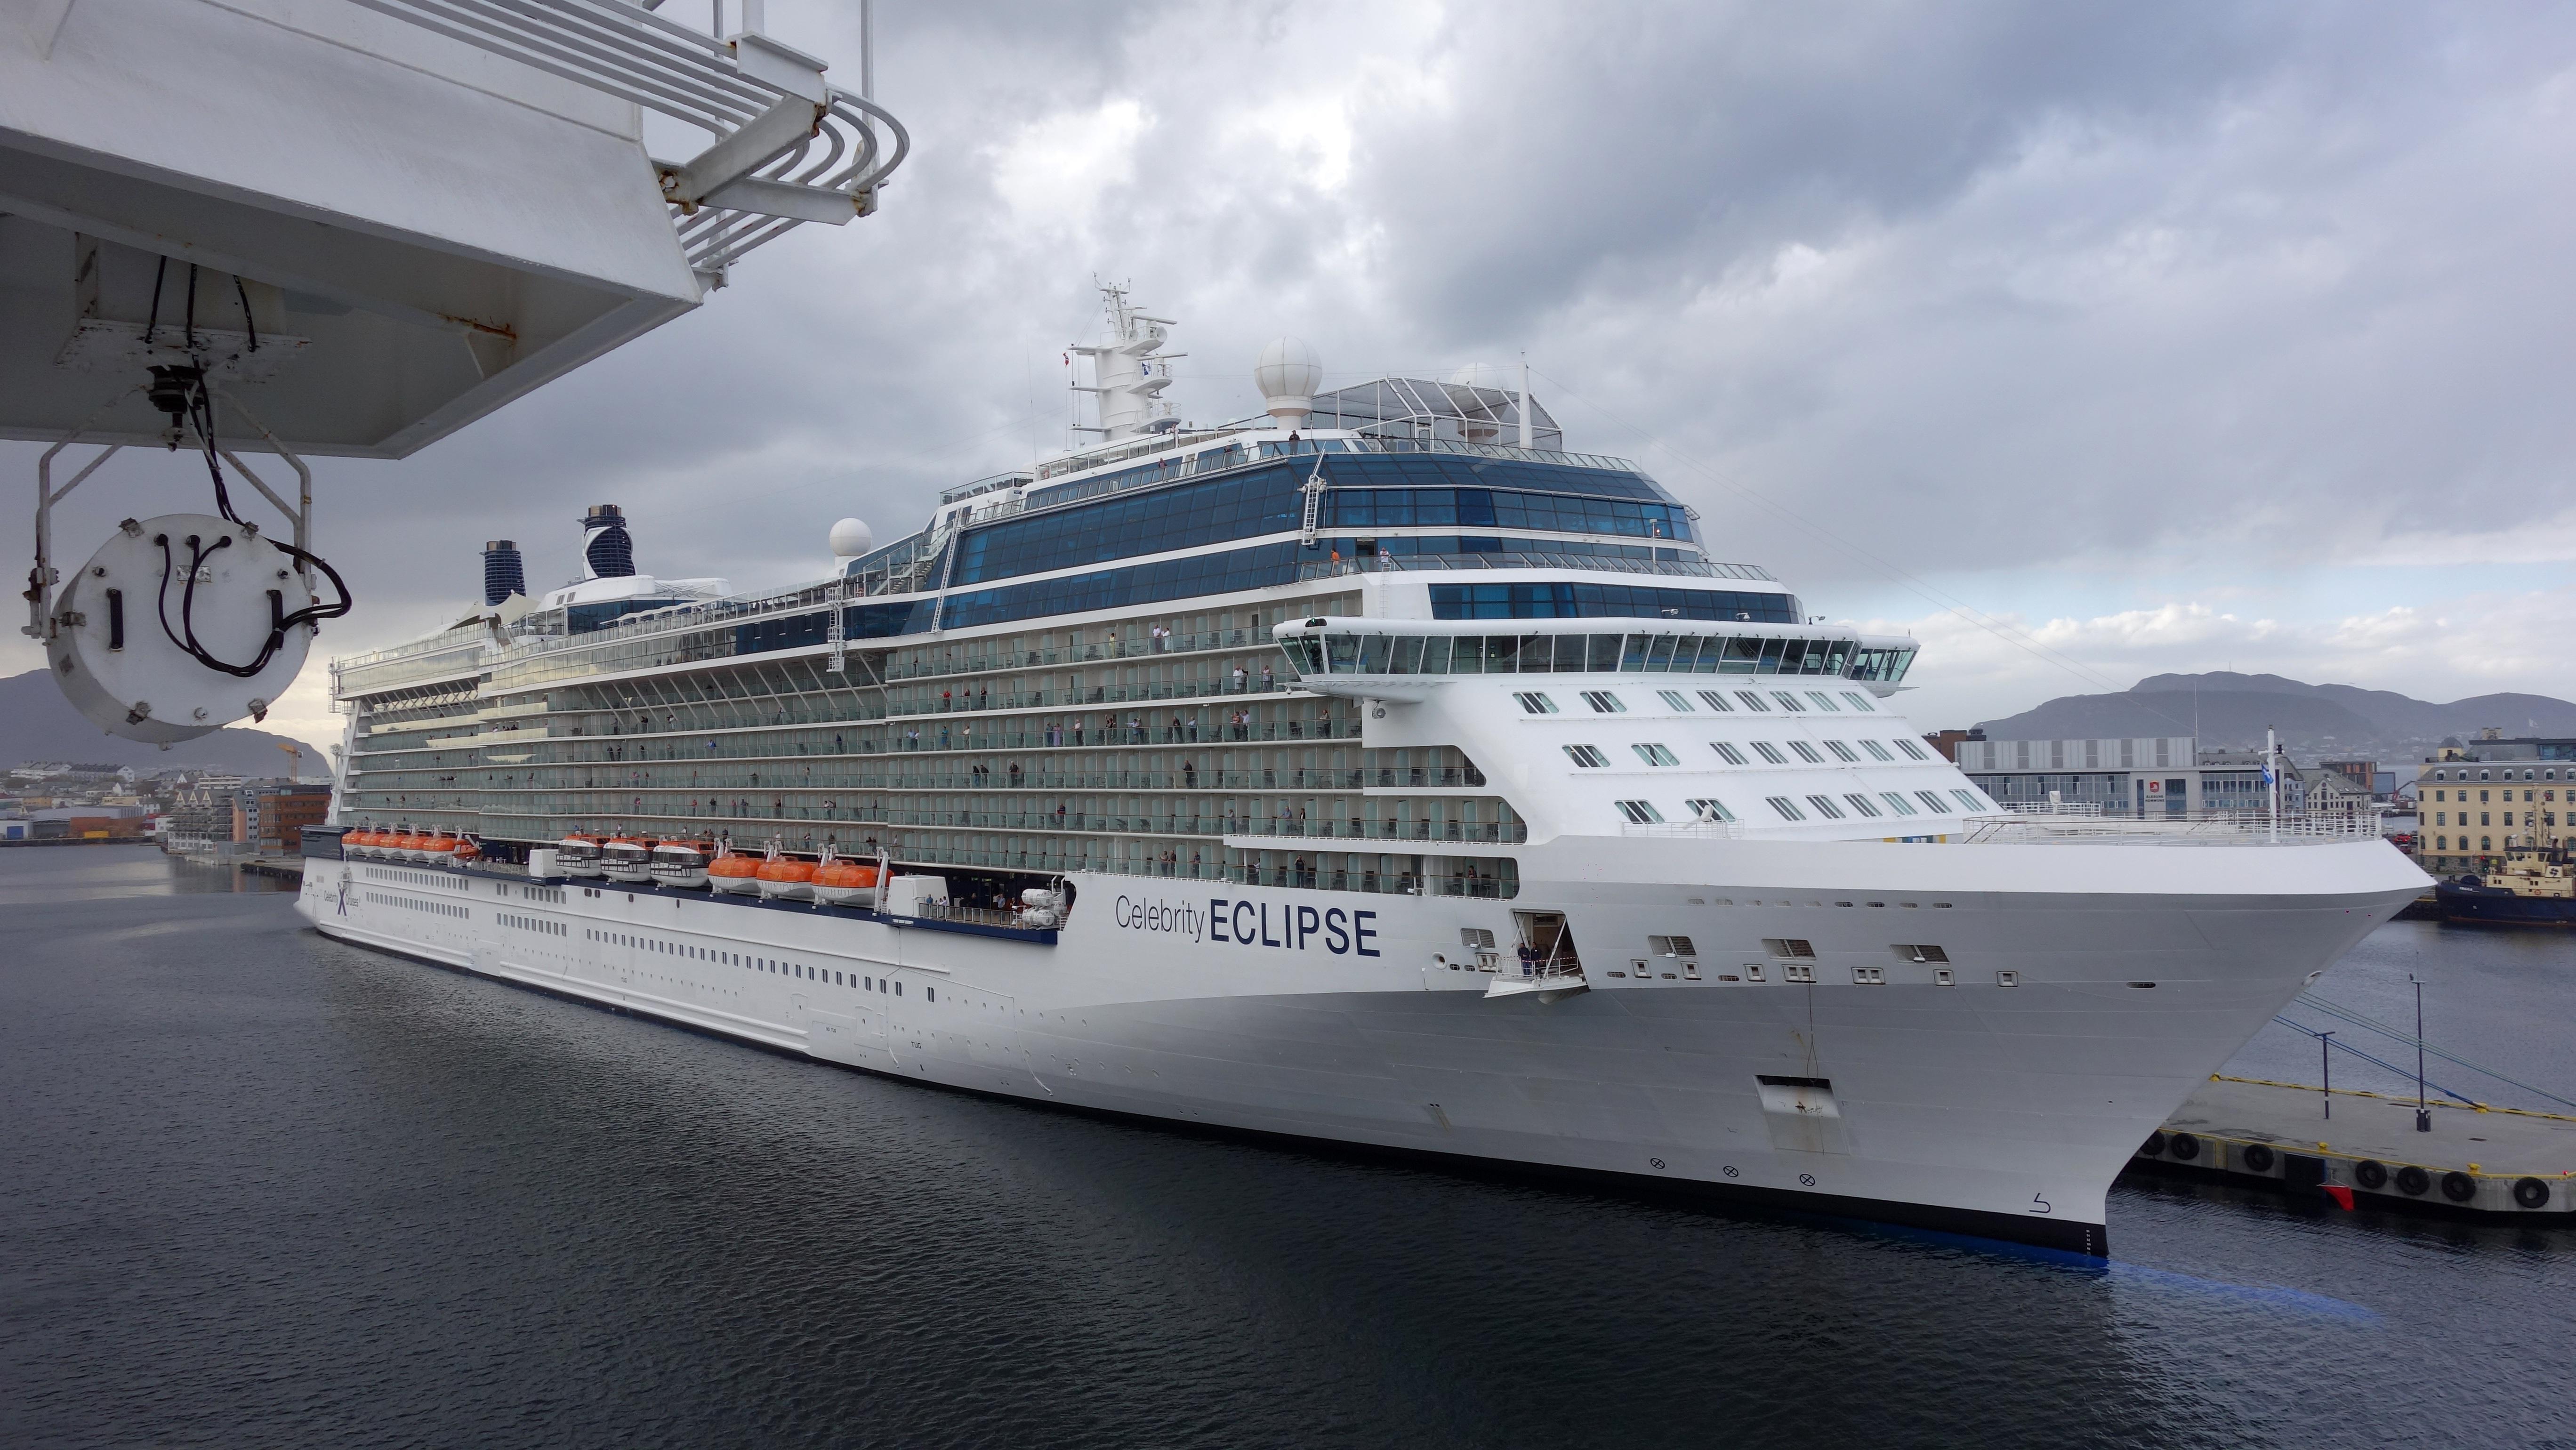 Free Images Sea Water Vehicle Watercraft Cruise Ship Norway - Cruise ship norway